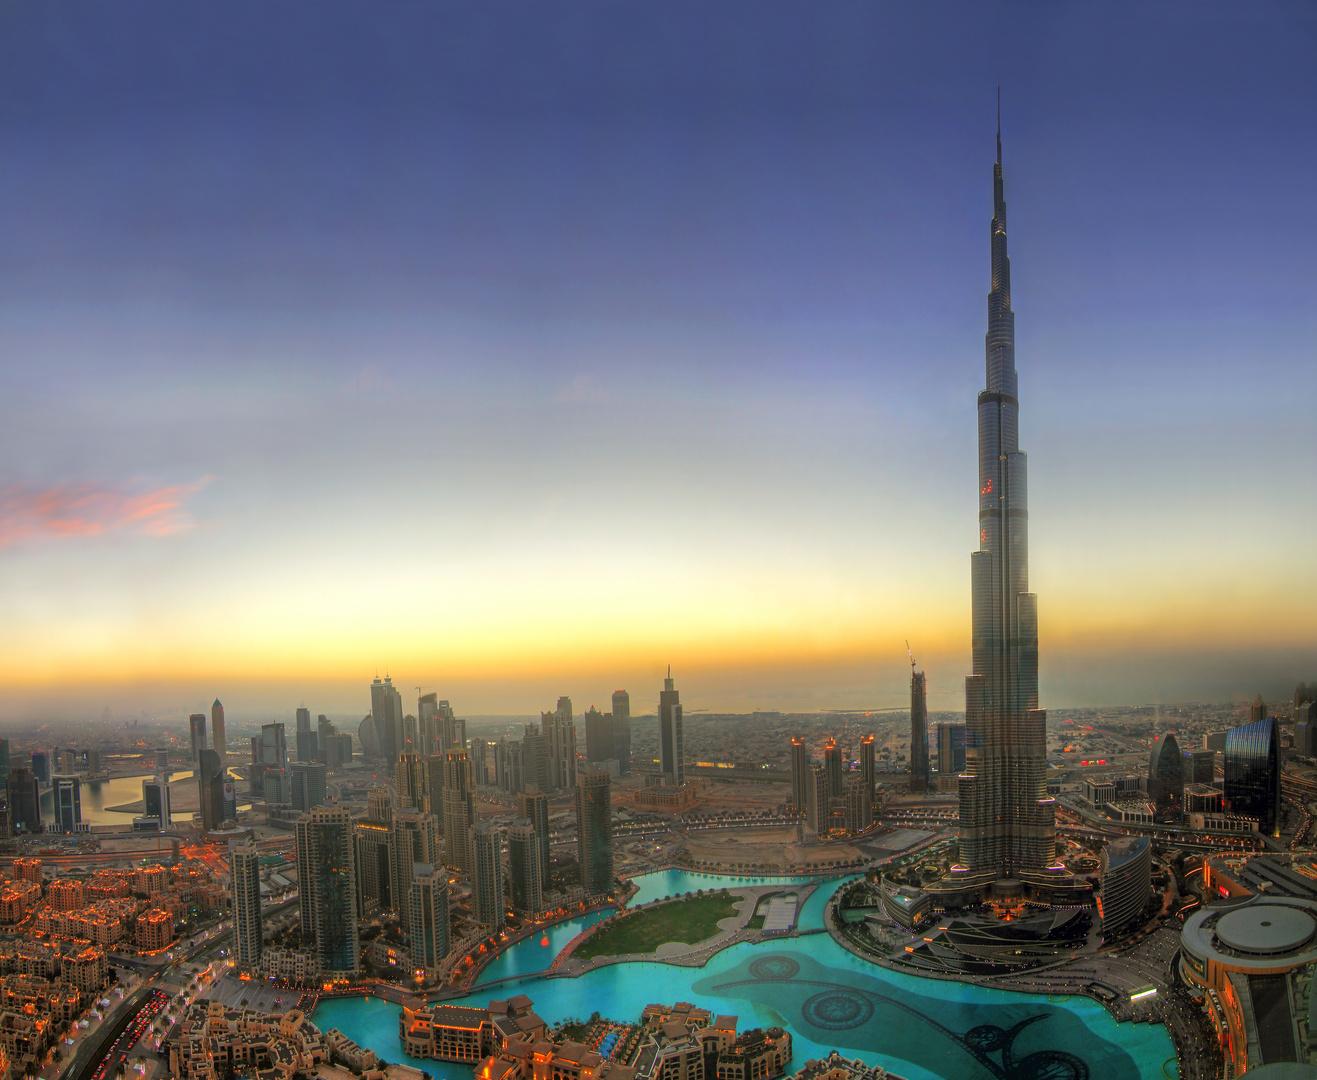 Sunset in Dubai with Burj Khalifa